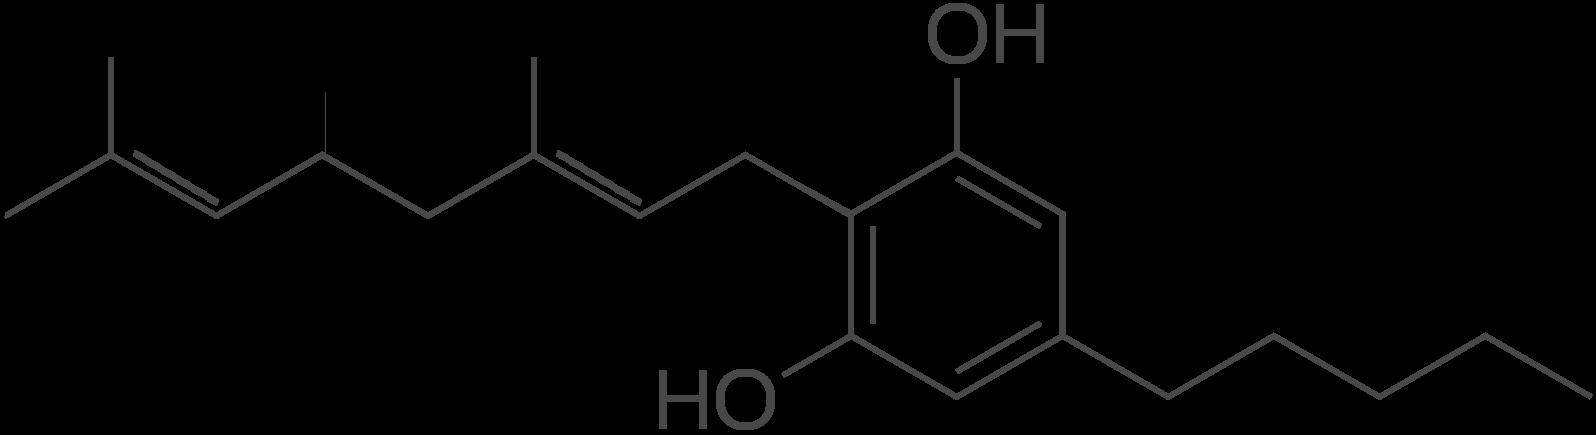 Cannabigerol Molecular Formula CBD Global